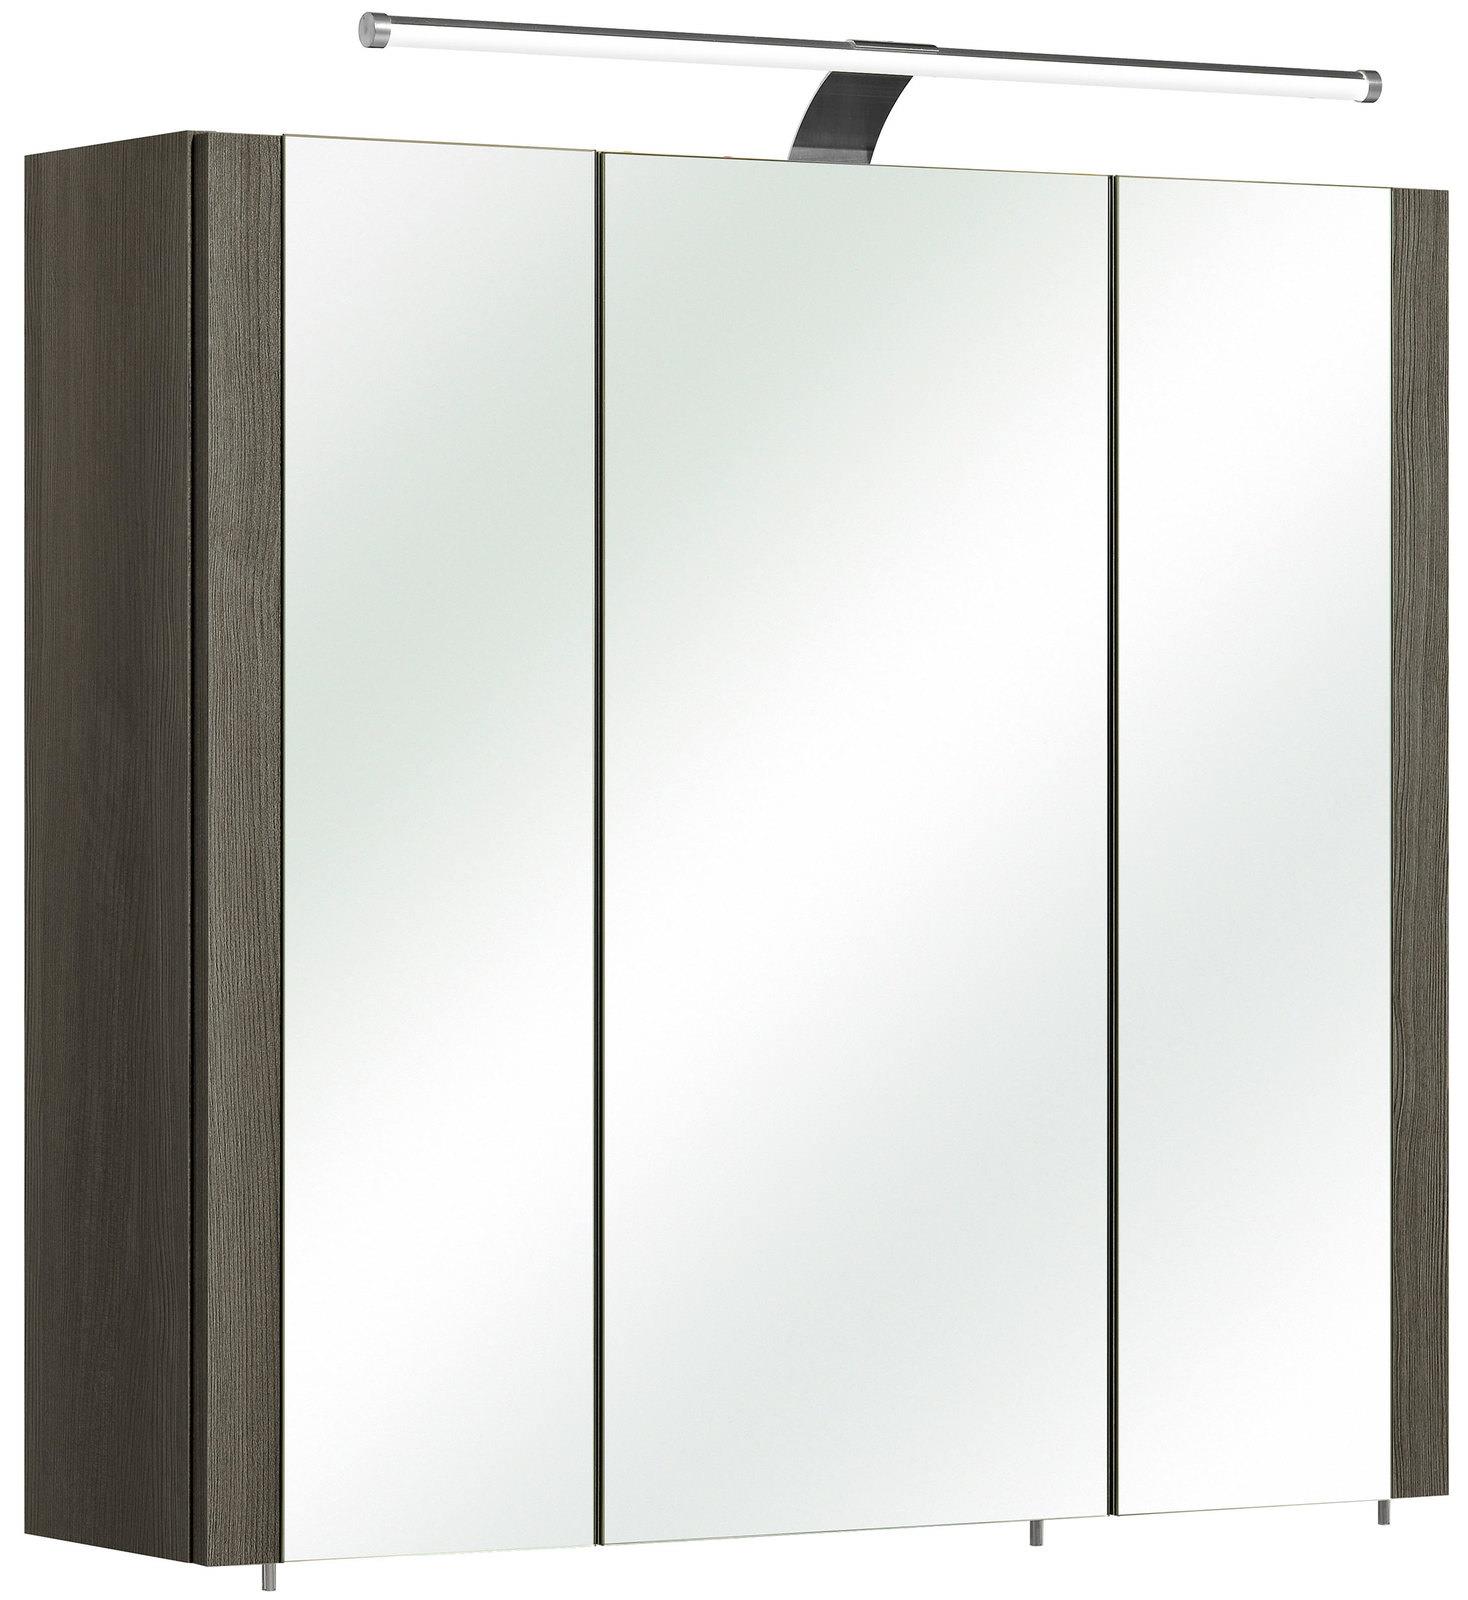 vito spiegelschrank online entdecken schaffrath ihr m belhaus. Black Bedroom Furniture Sets. Home Design Ideas